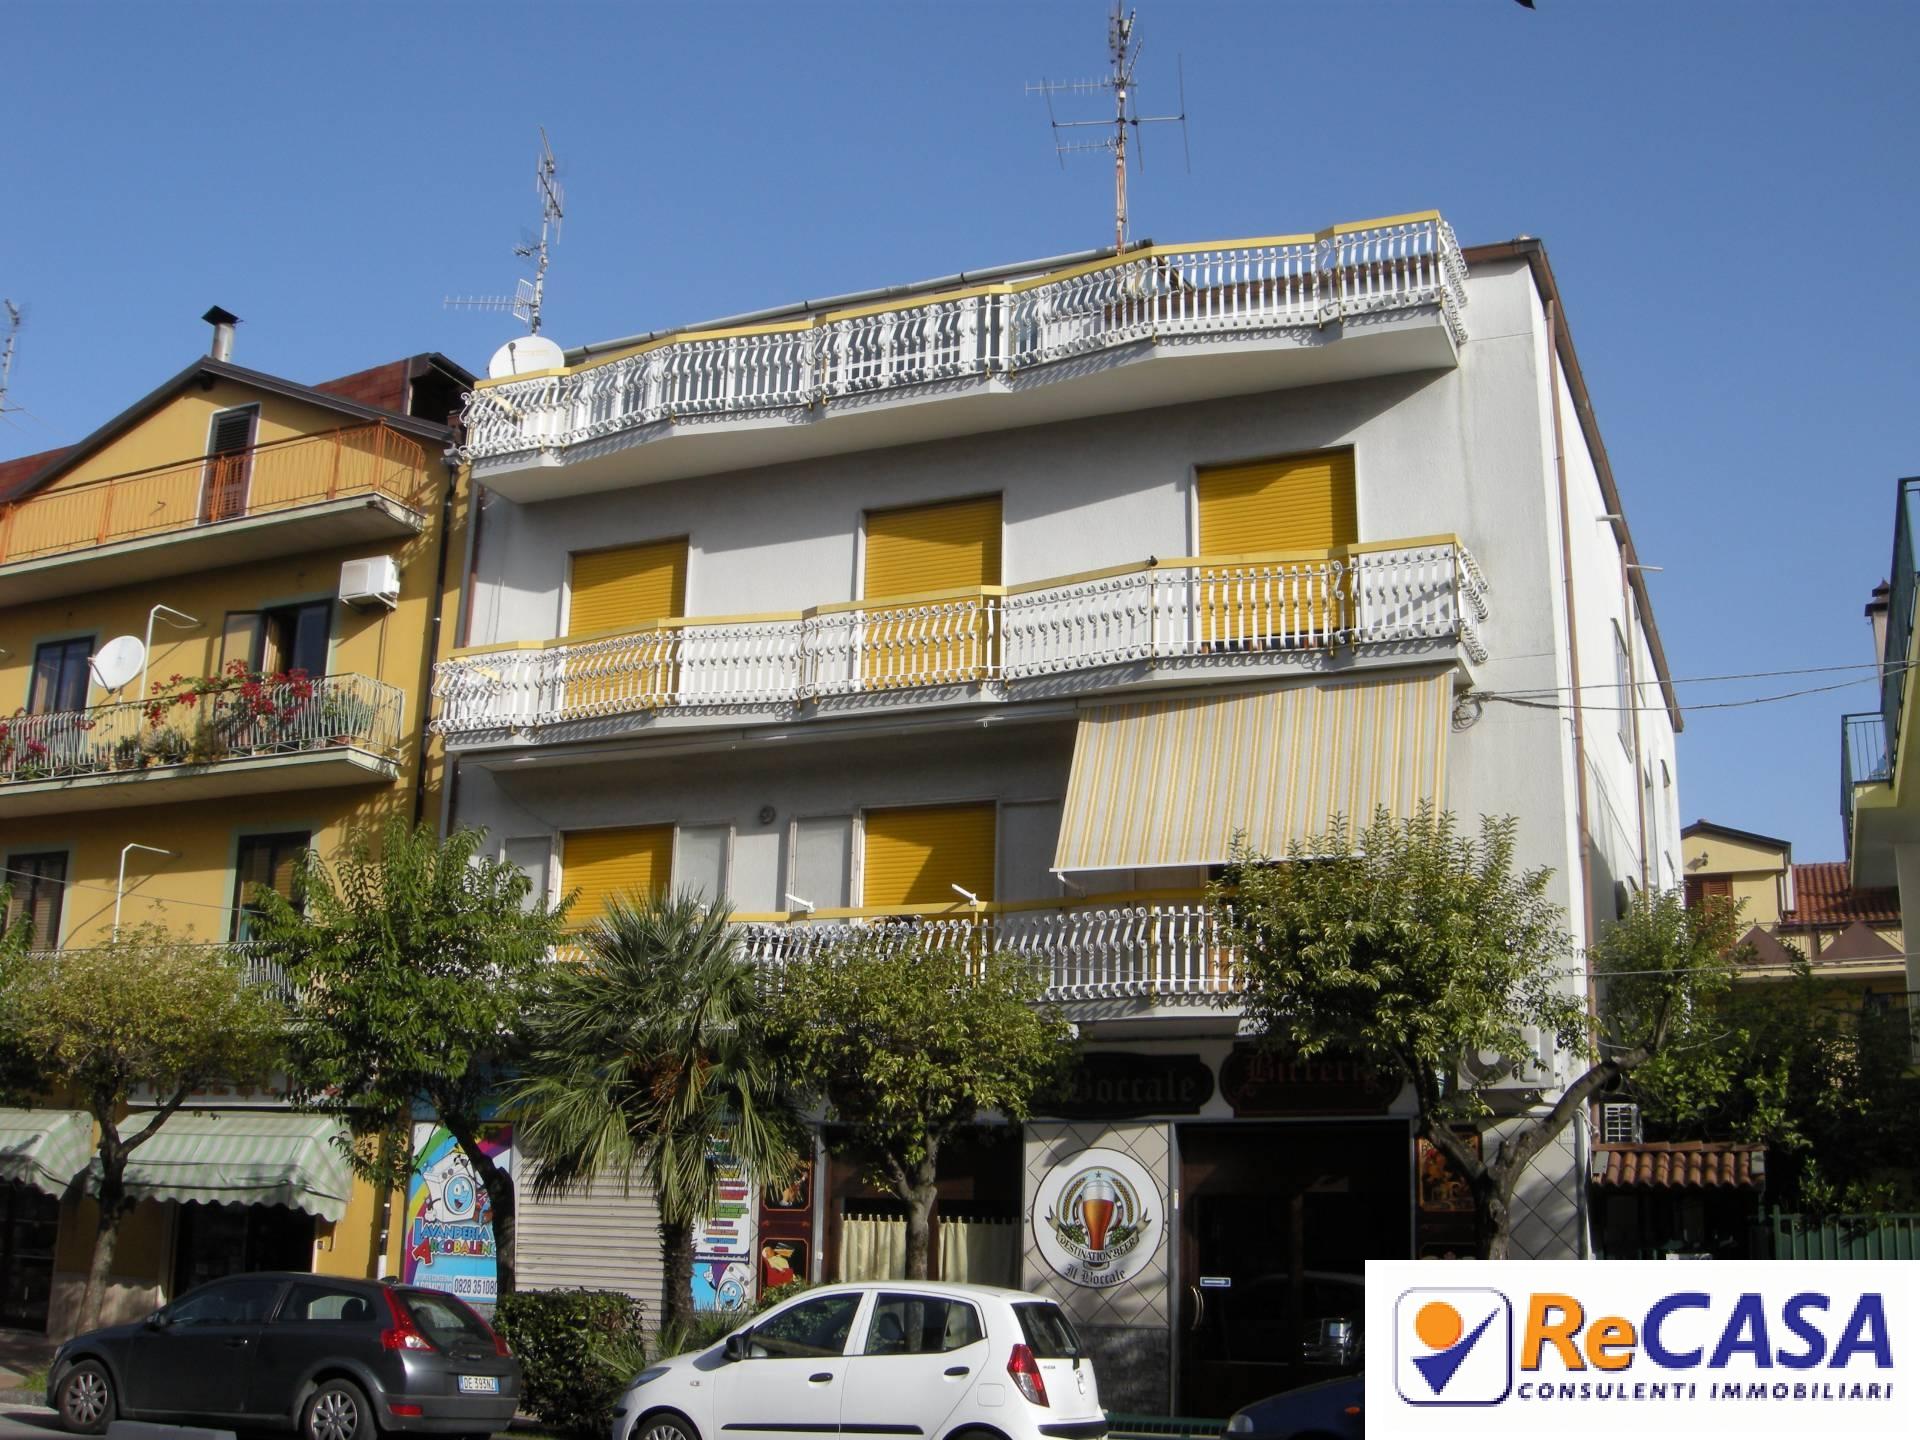 Casa bellizzi appartamenti e case in vendita for Case vendita salerno